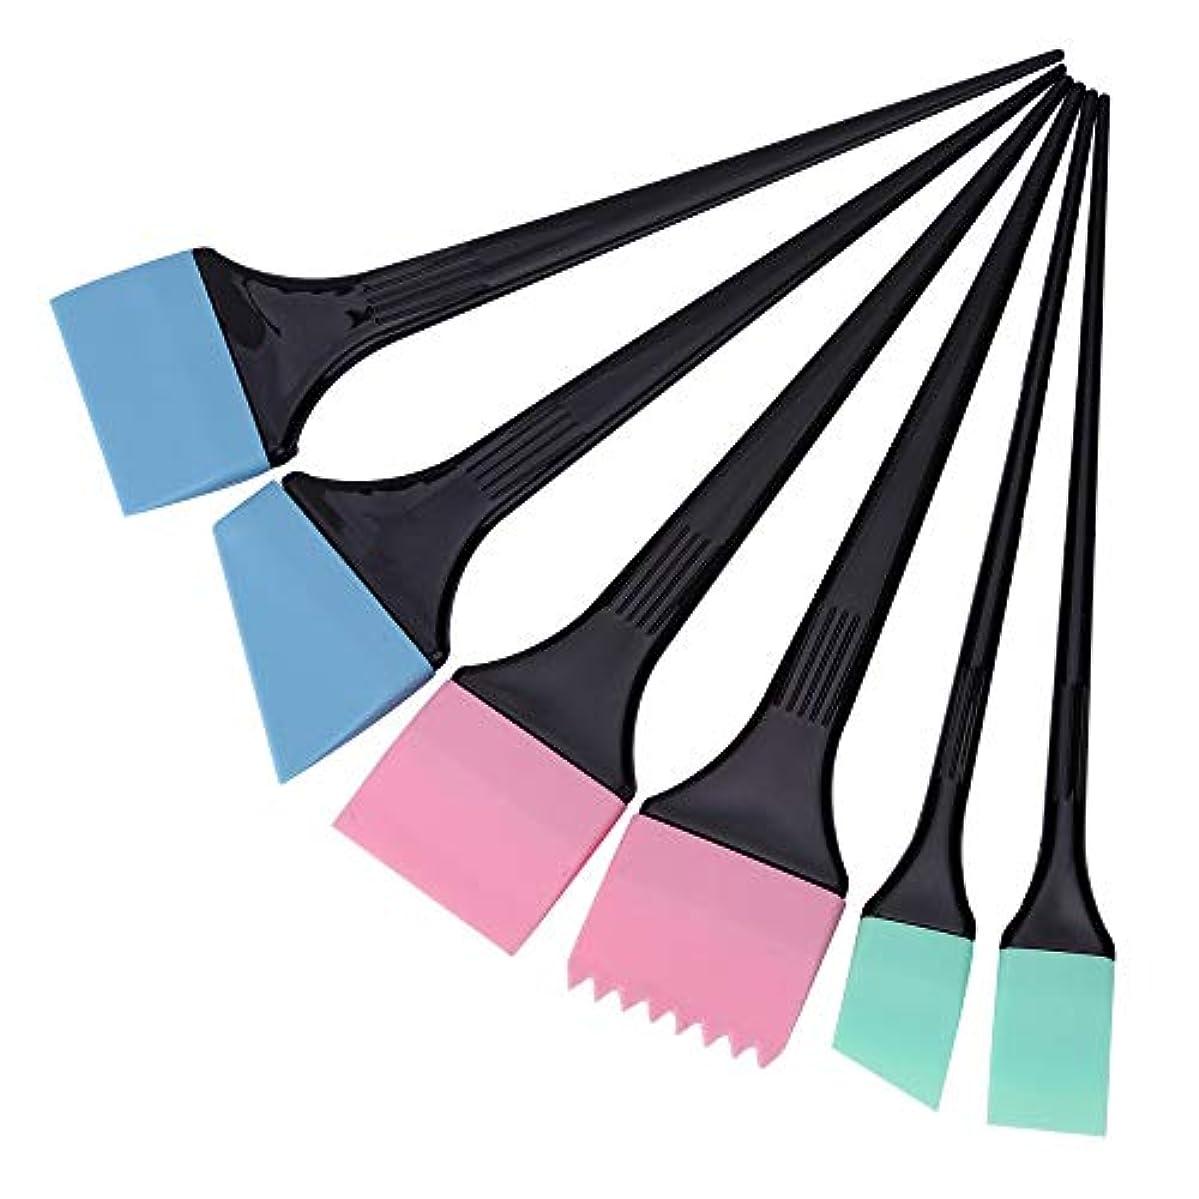 蒸発する流体傷つきやすいヘアダイコーム&ブラシ 毛染めブラシ 6本/セット 着色櫛キット プロサロン 理髪スタイリングツール へアカラーセット グリーン